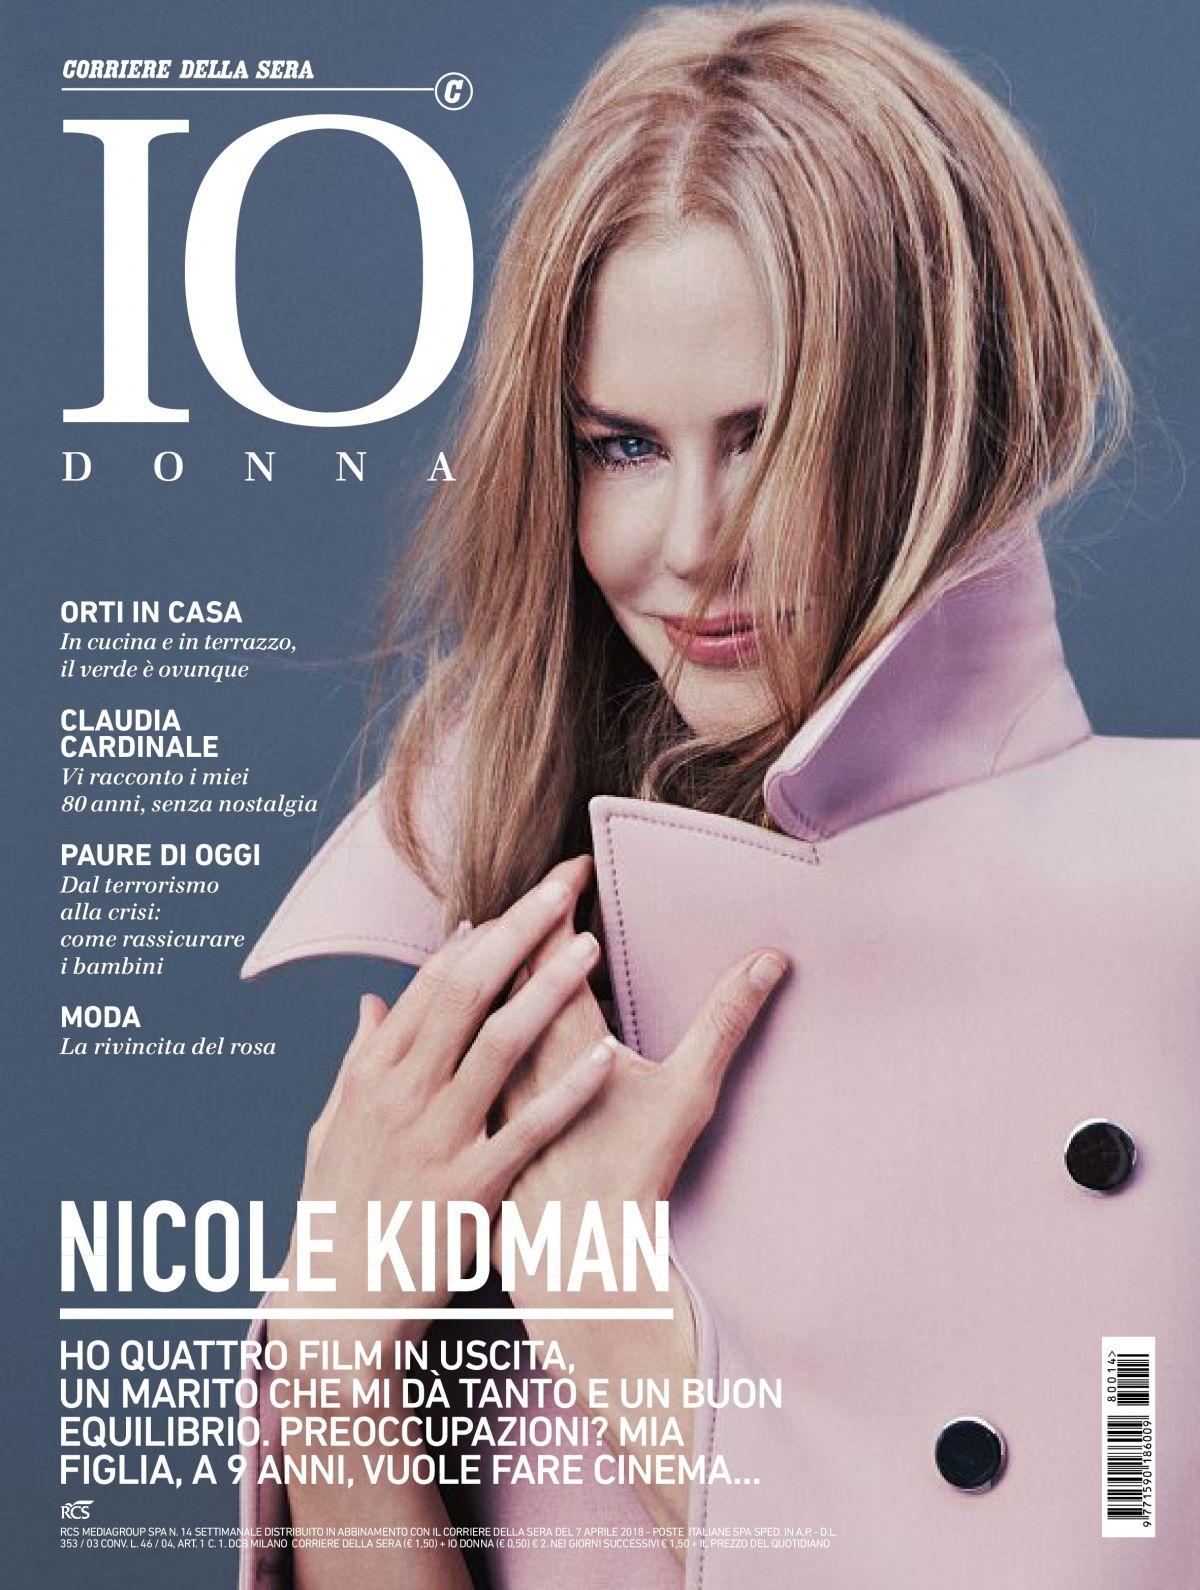 4ad9ade29c14 NICOLE KIDMAN in Io Donna Del Corriere Della Sera